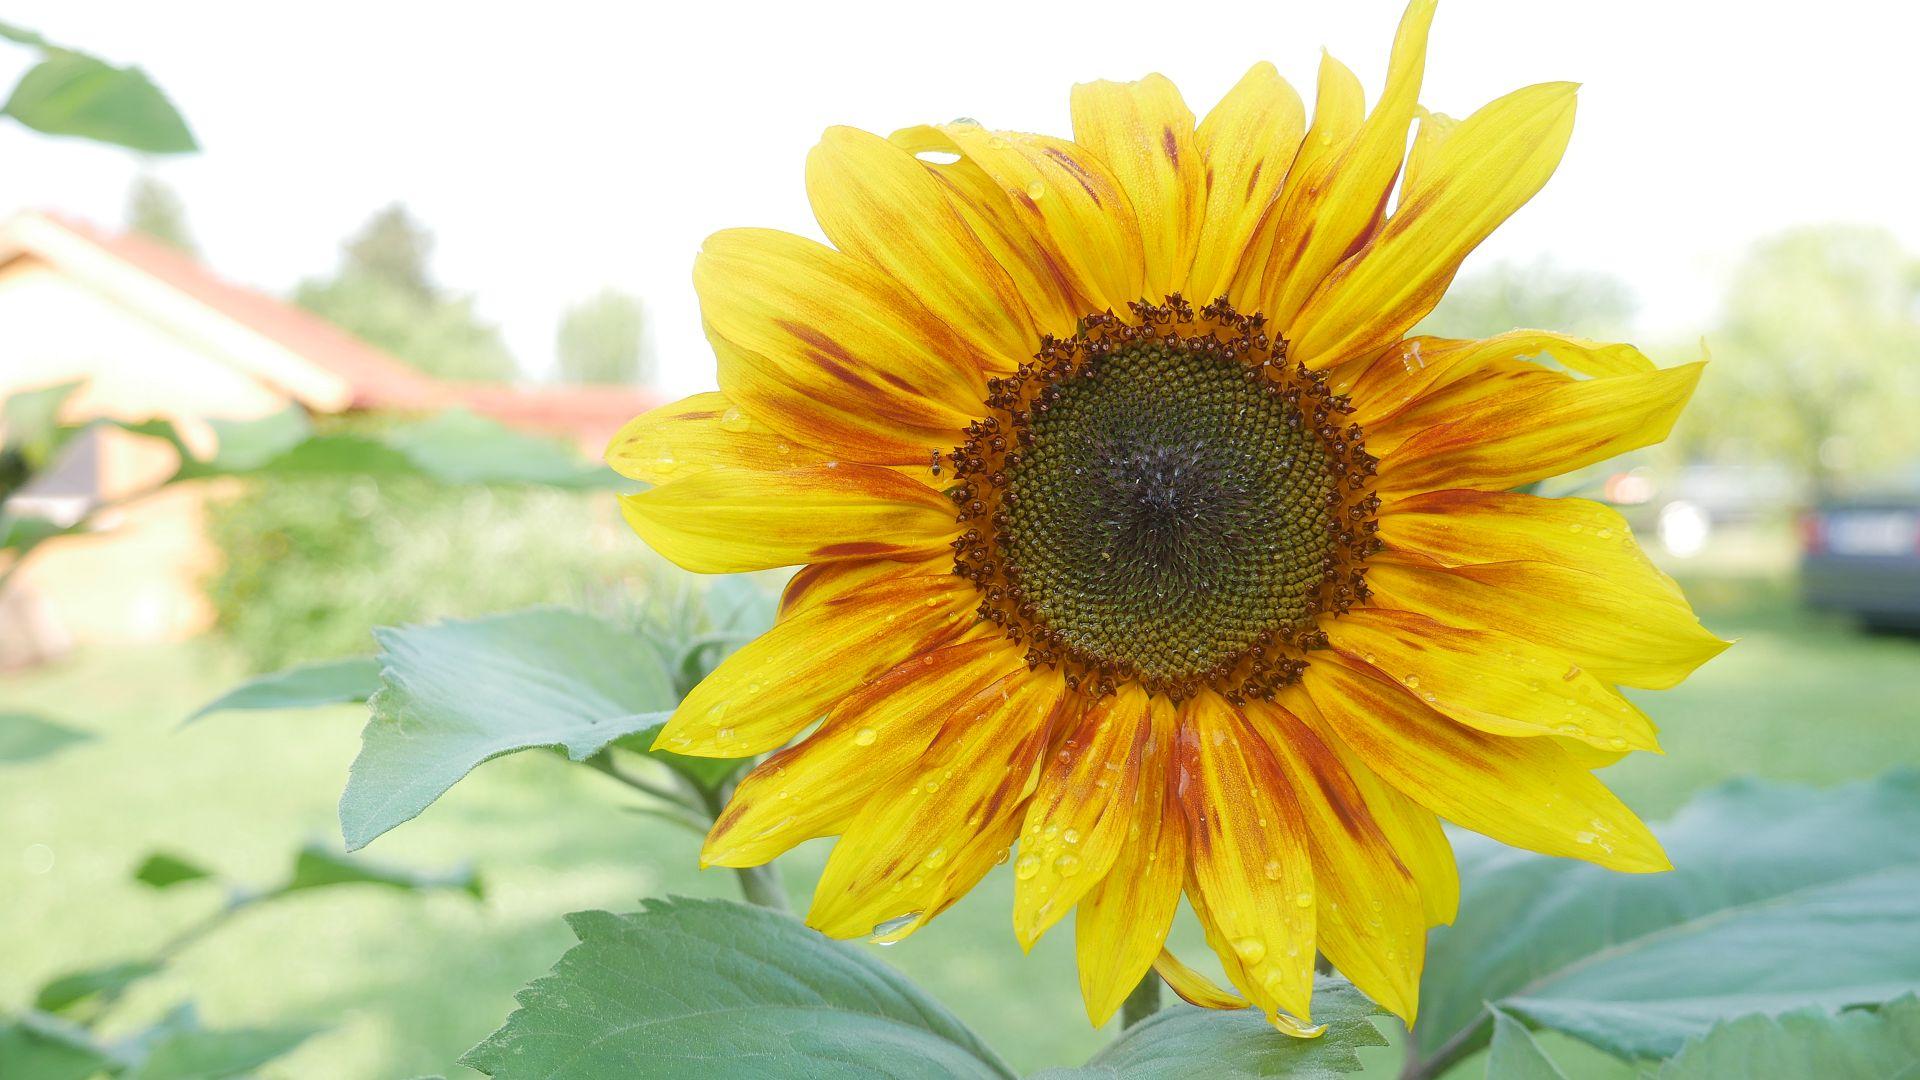 Sonnenblumensamen sonnenblumengarten sonnenblumen im garten helianthus annus Vorteile von Sonnenblumen Insektenfreundlich Bienenfreundlich sonnenblumenkerne vogelfutter sonnenblumenkerne gesund sonnenblume vorziehen sonnenblumensorten nützliche Sonnenblumen selbstaussähende Pflanzen Sonnenblumen im Naturgarten Sonnenblumenblüte